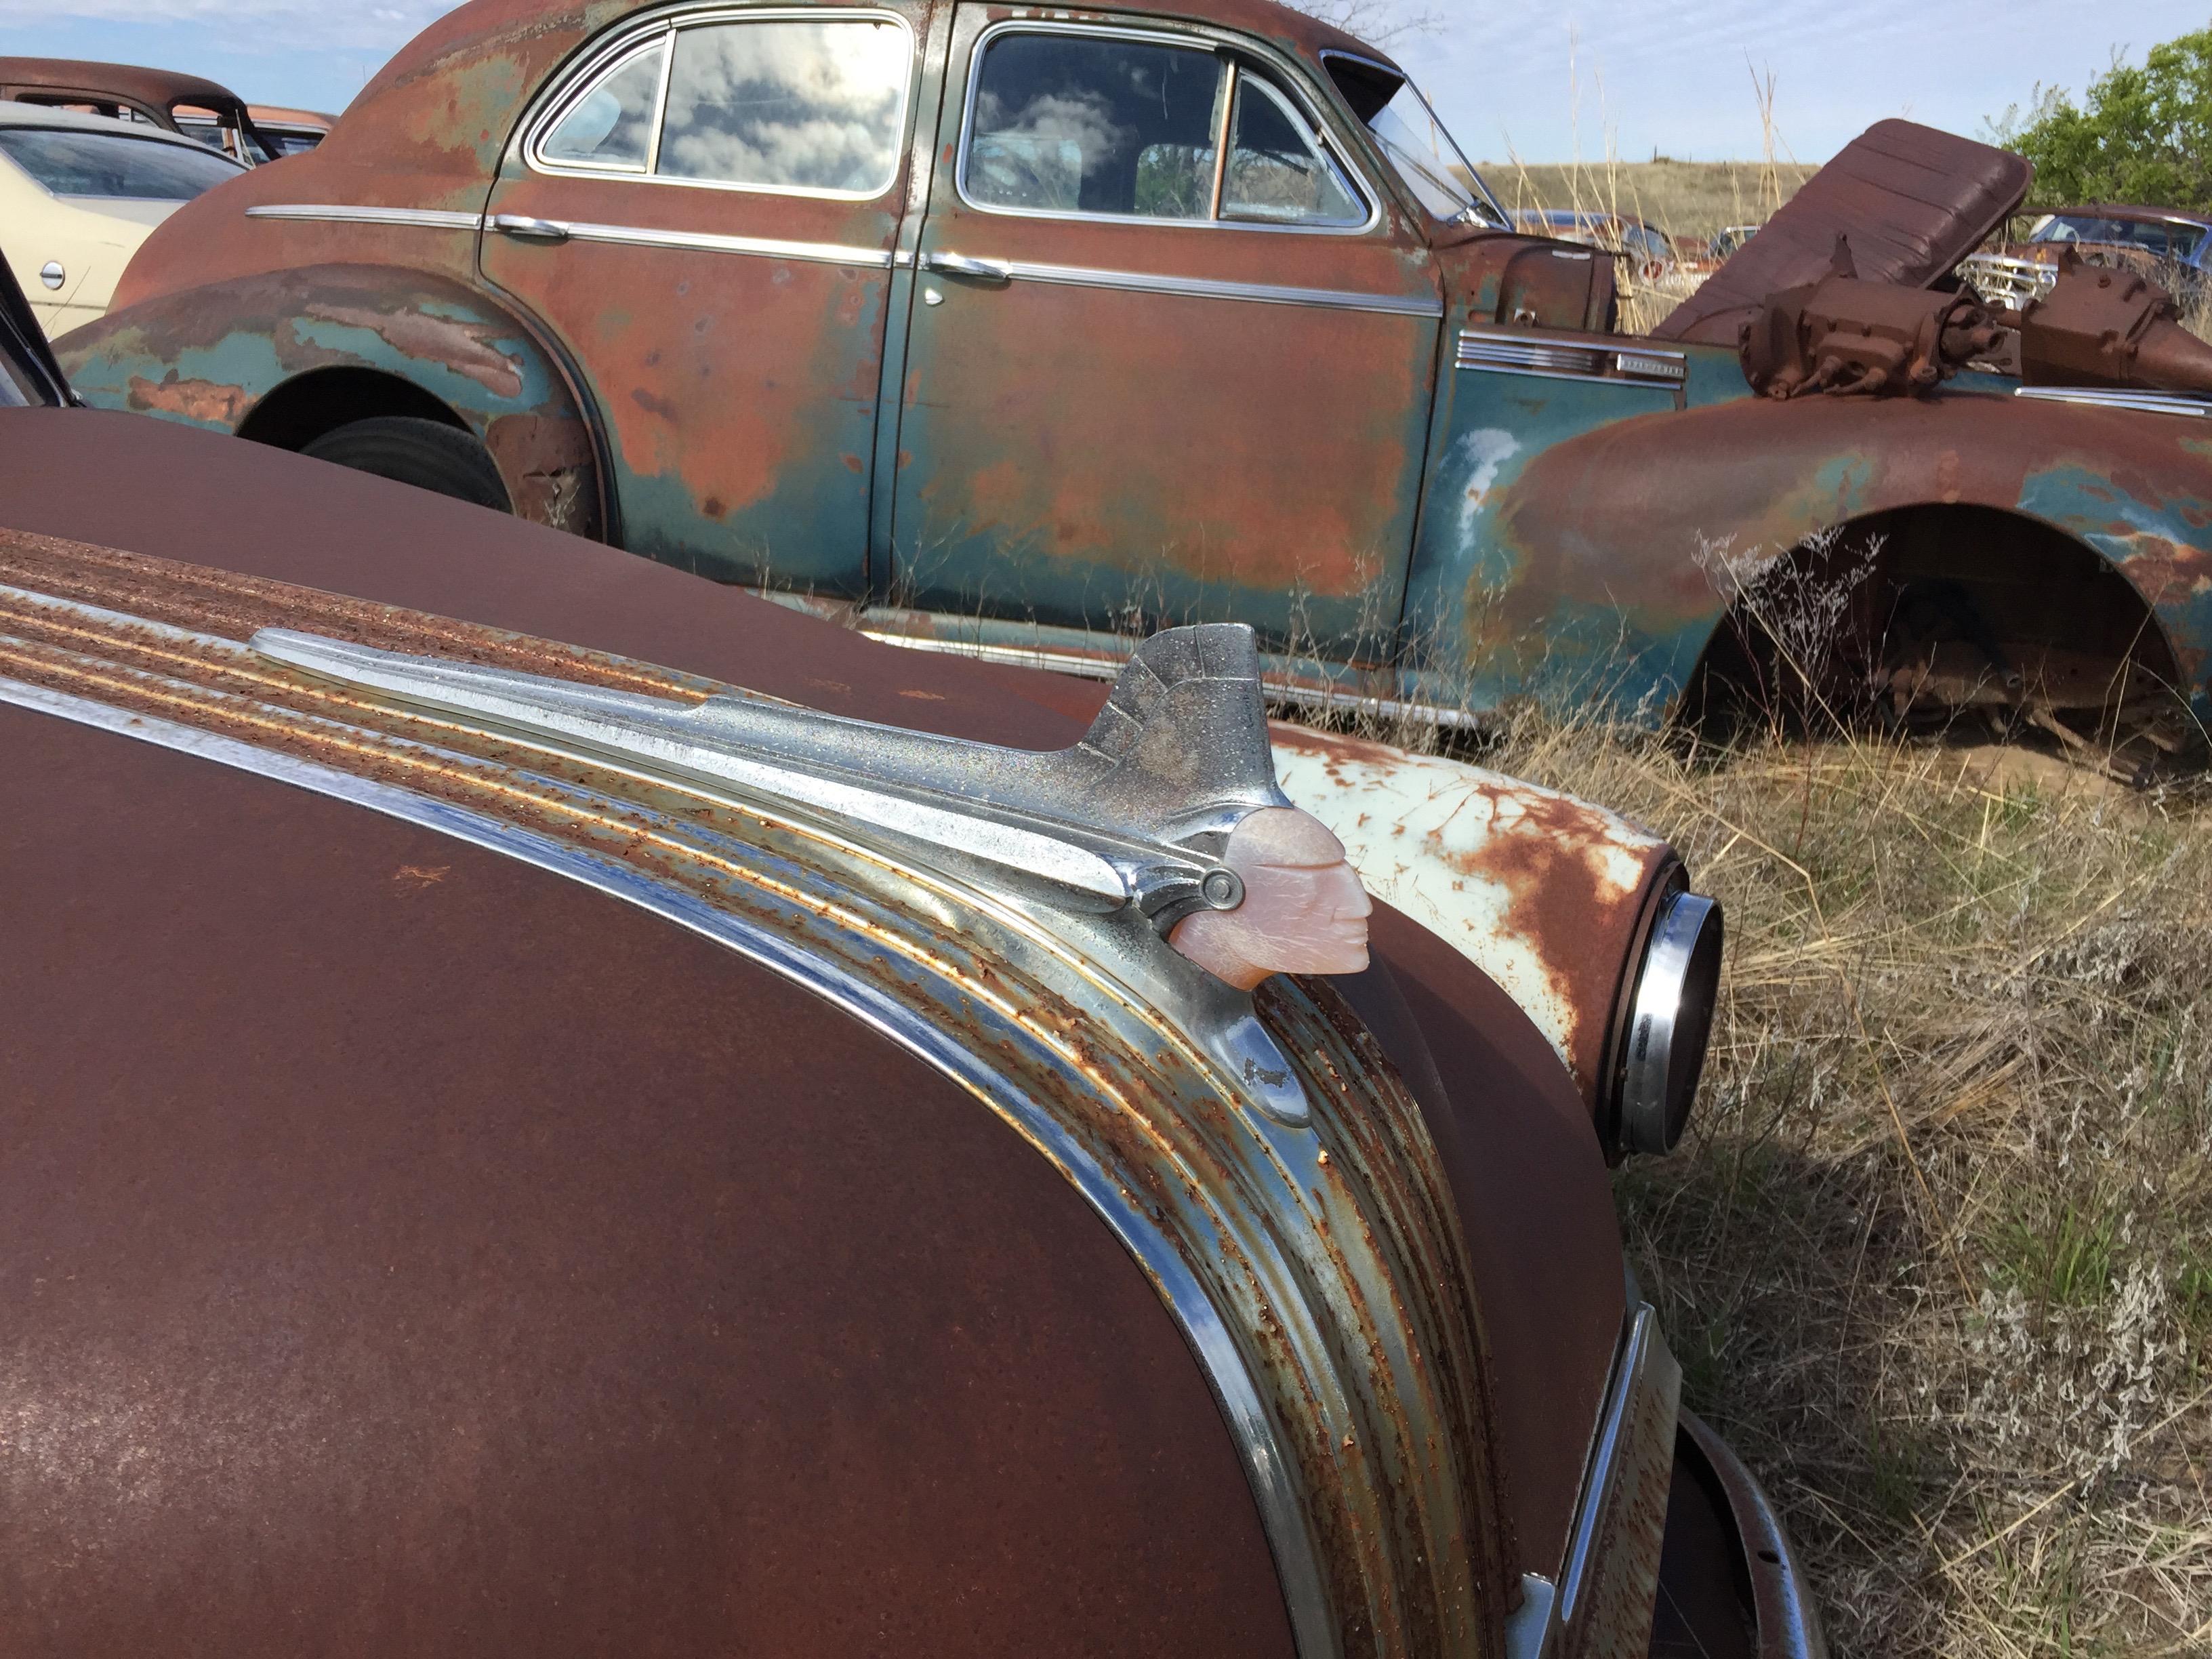 Old amaerican car